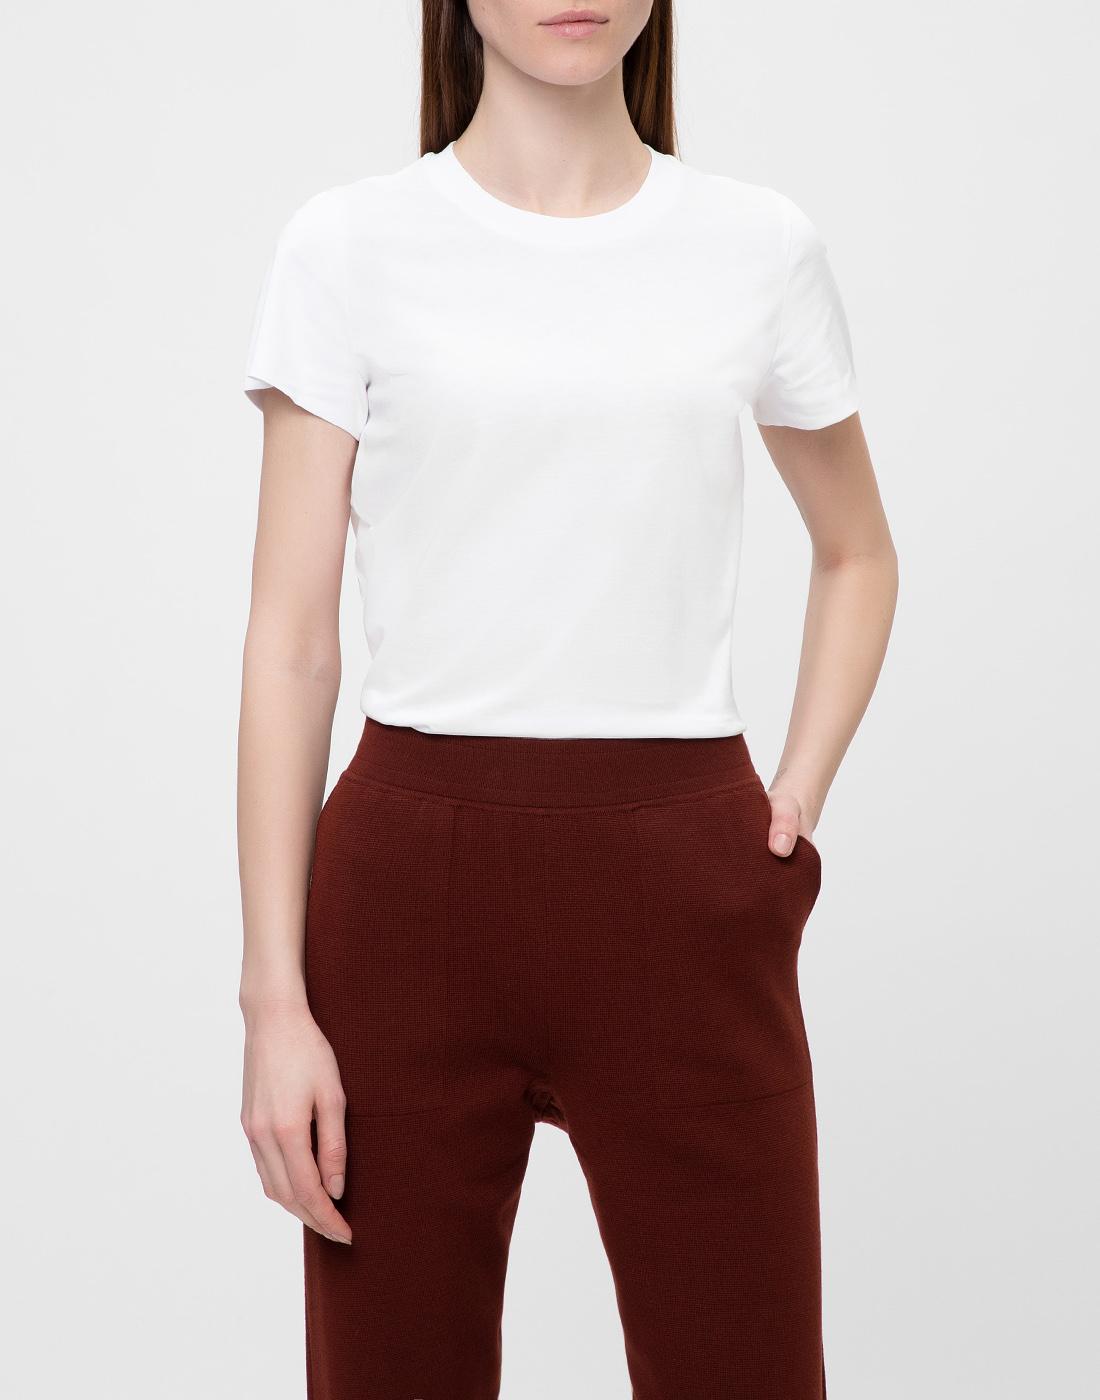 Женская белая футболка Dorothee Schumacher S623001/100-2